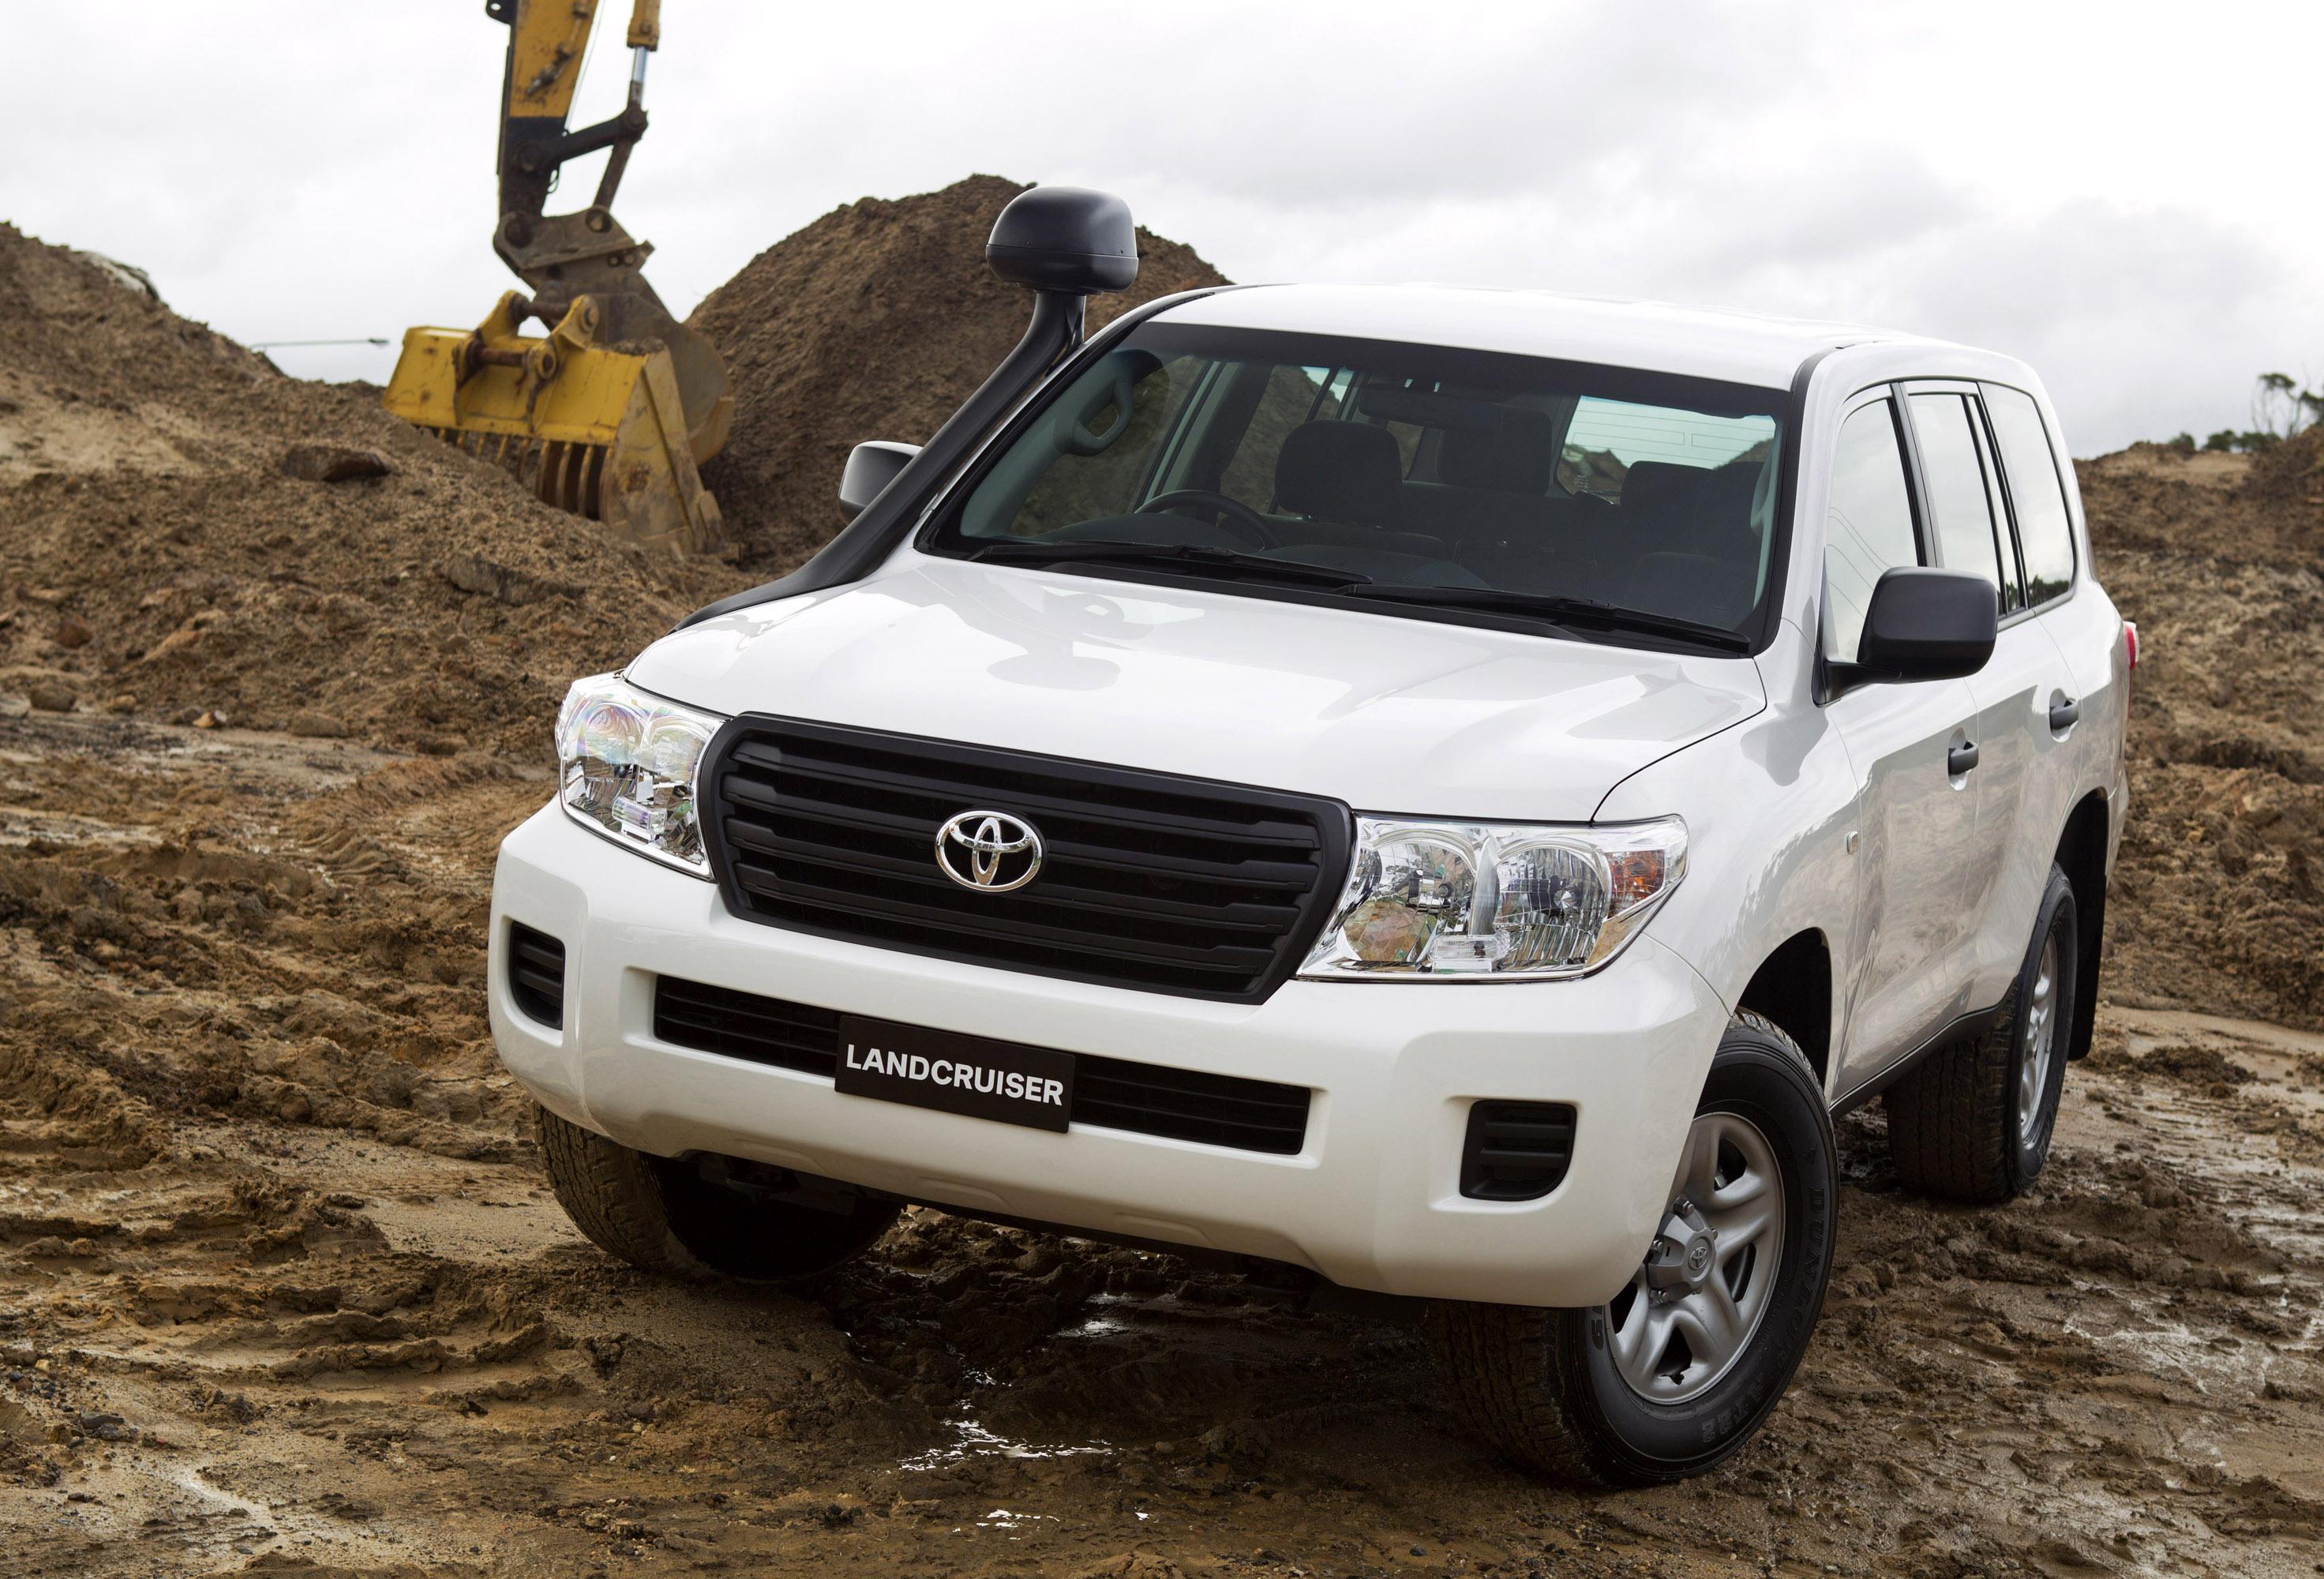 2012 toyota landcruiser 200 with new 4 6 liter v8 engine